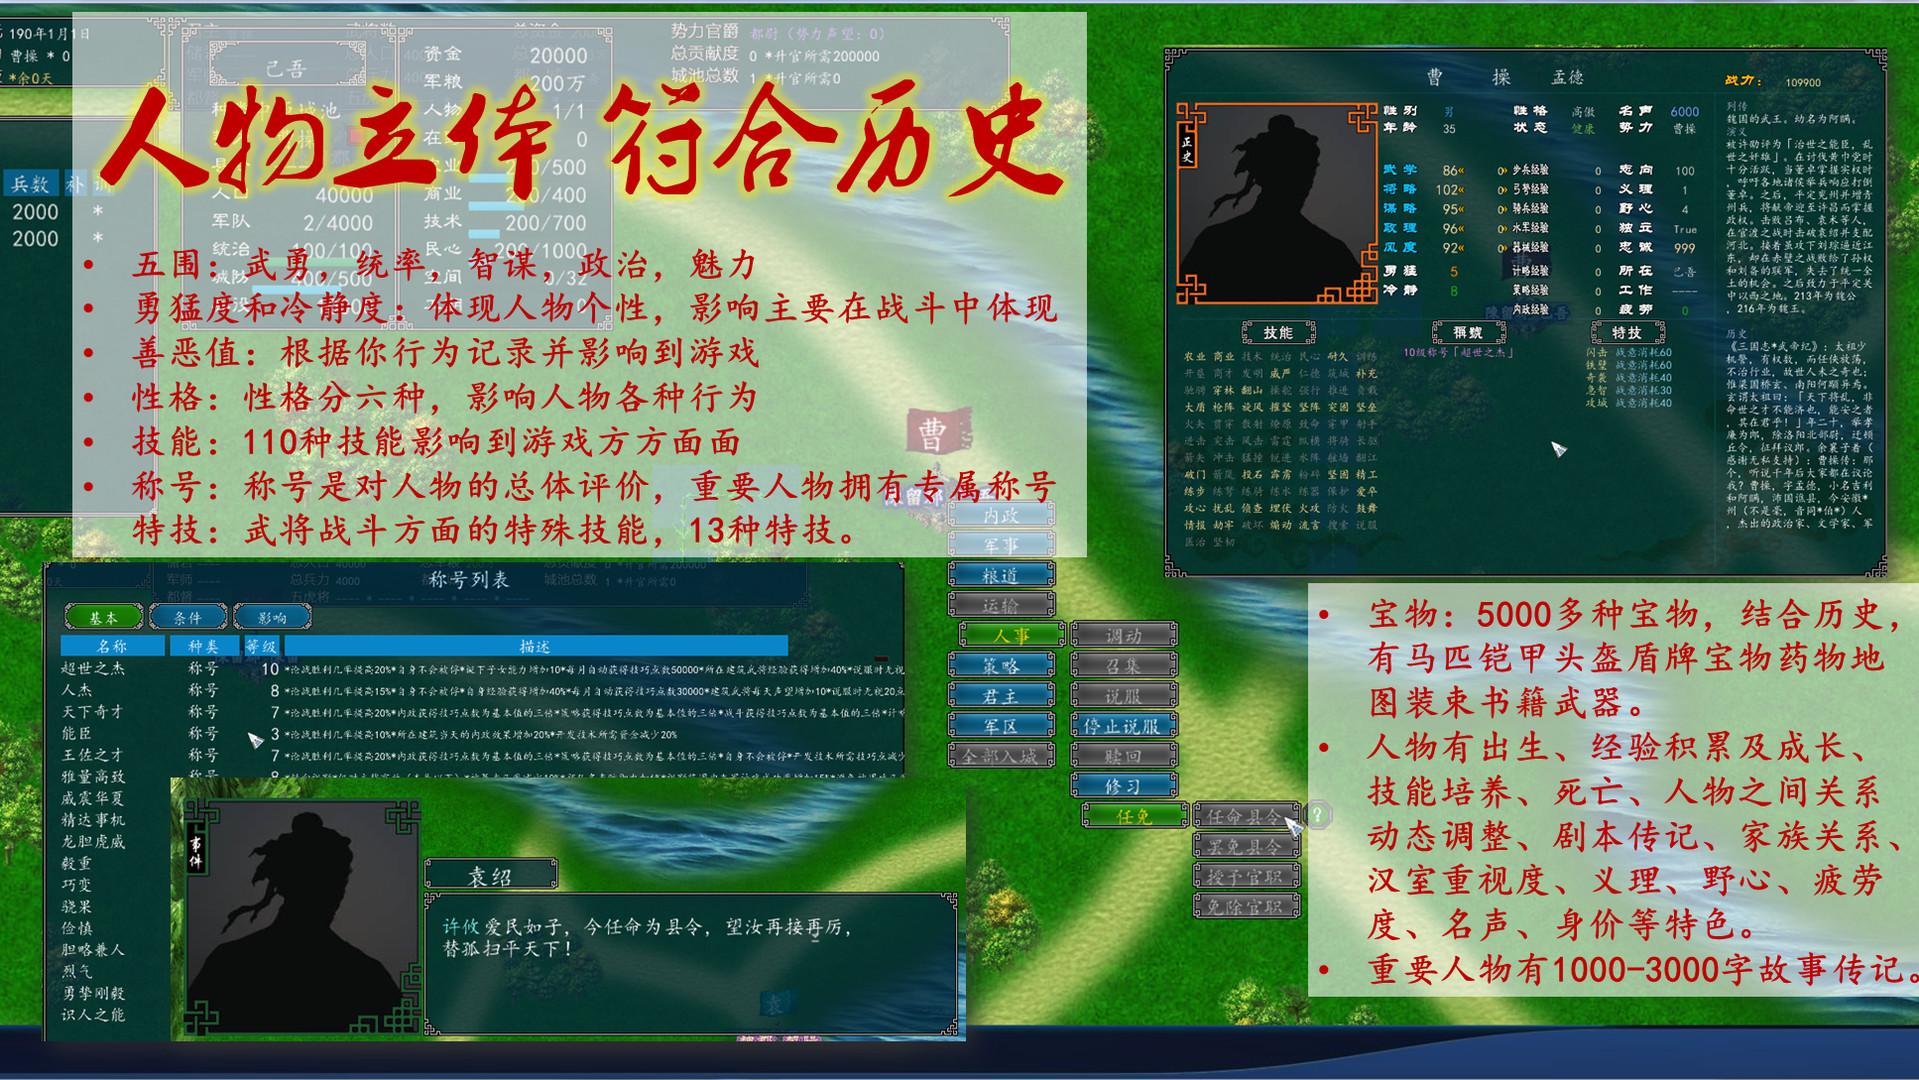 《中华三国志》新版势力颜色修改方法介绍